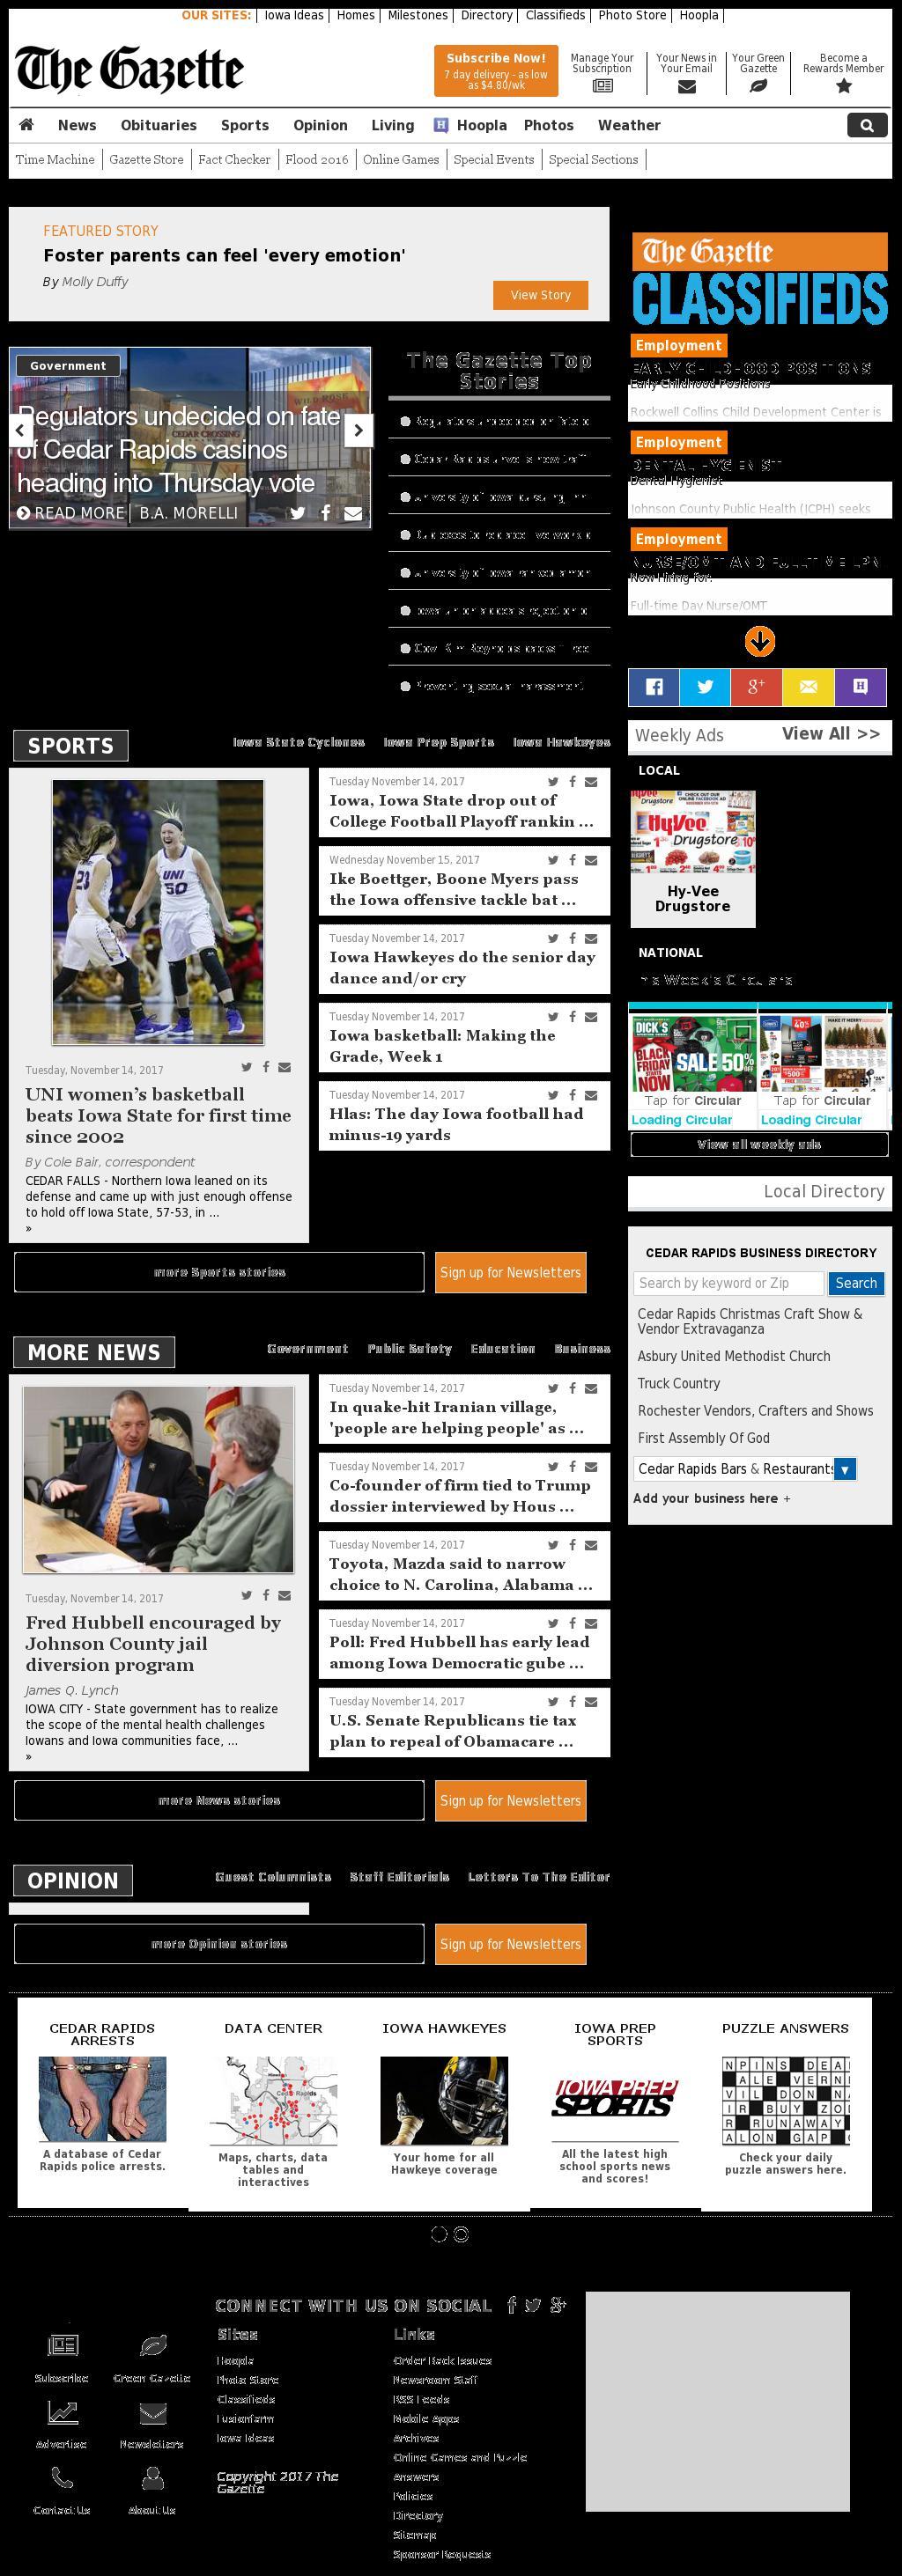 The (Cedar Rapids) Gazette at Wednesday Nov. 15, 2017, 8:04 a.m. UTC